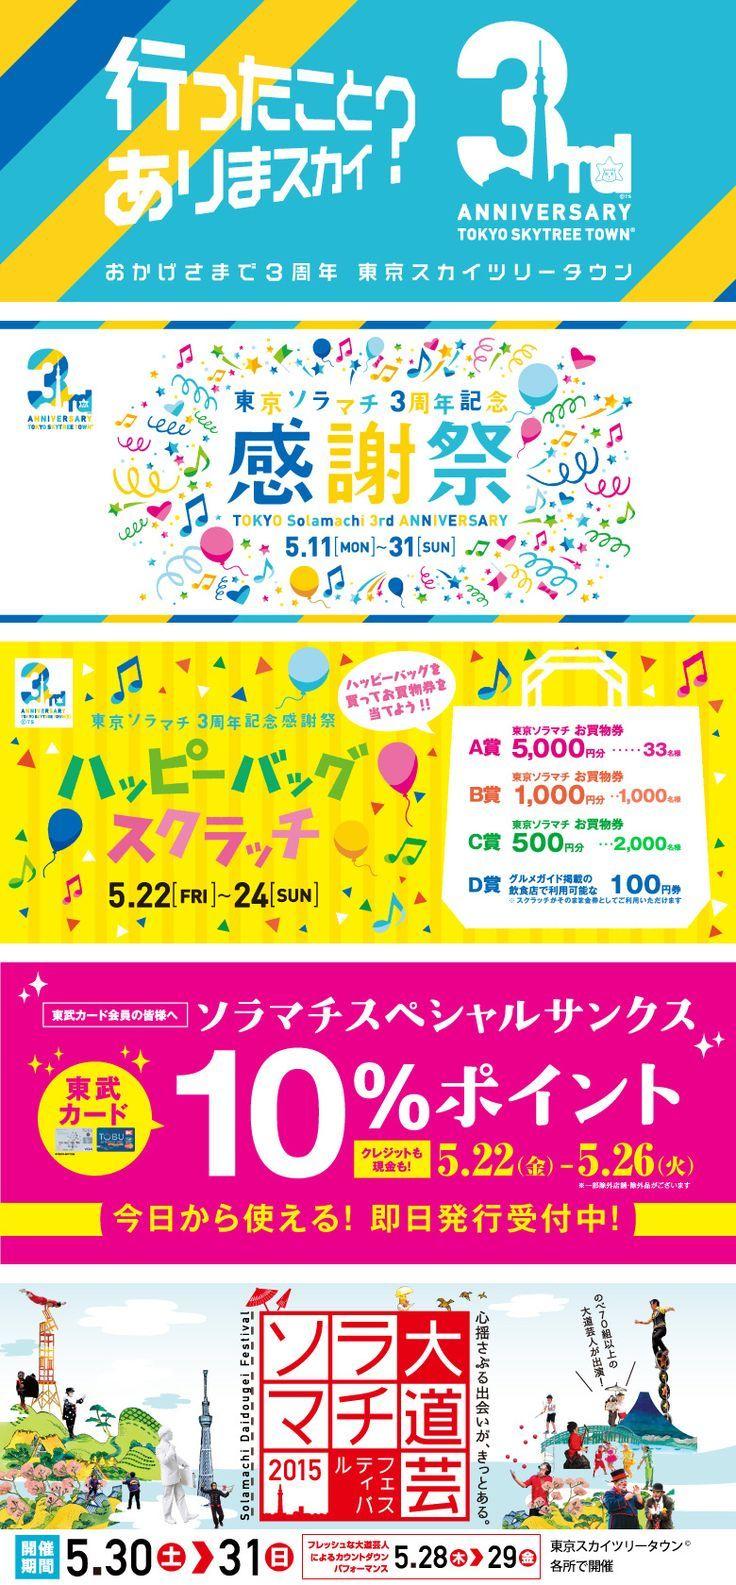 東京ソラマチのWEBサイトにあったかわいいスライドまとめ - 2015.05|keyvisual, slide, set, pop, yellow, blue, pink